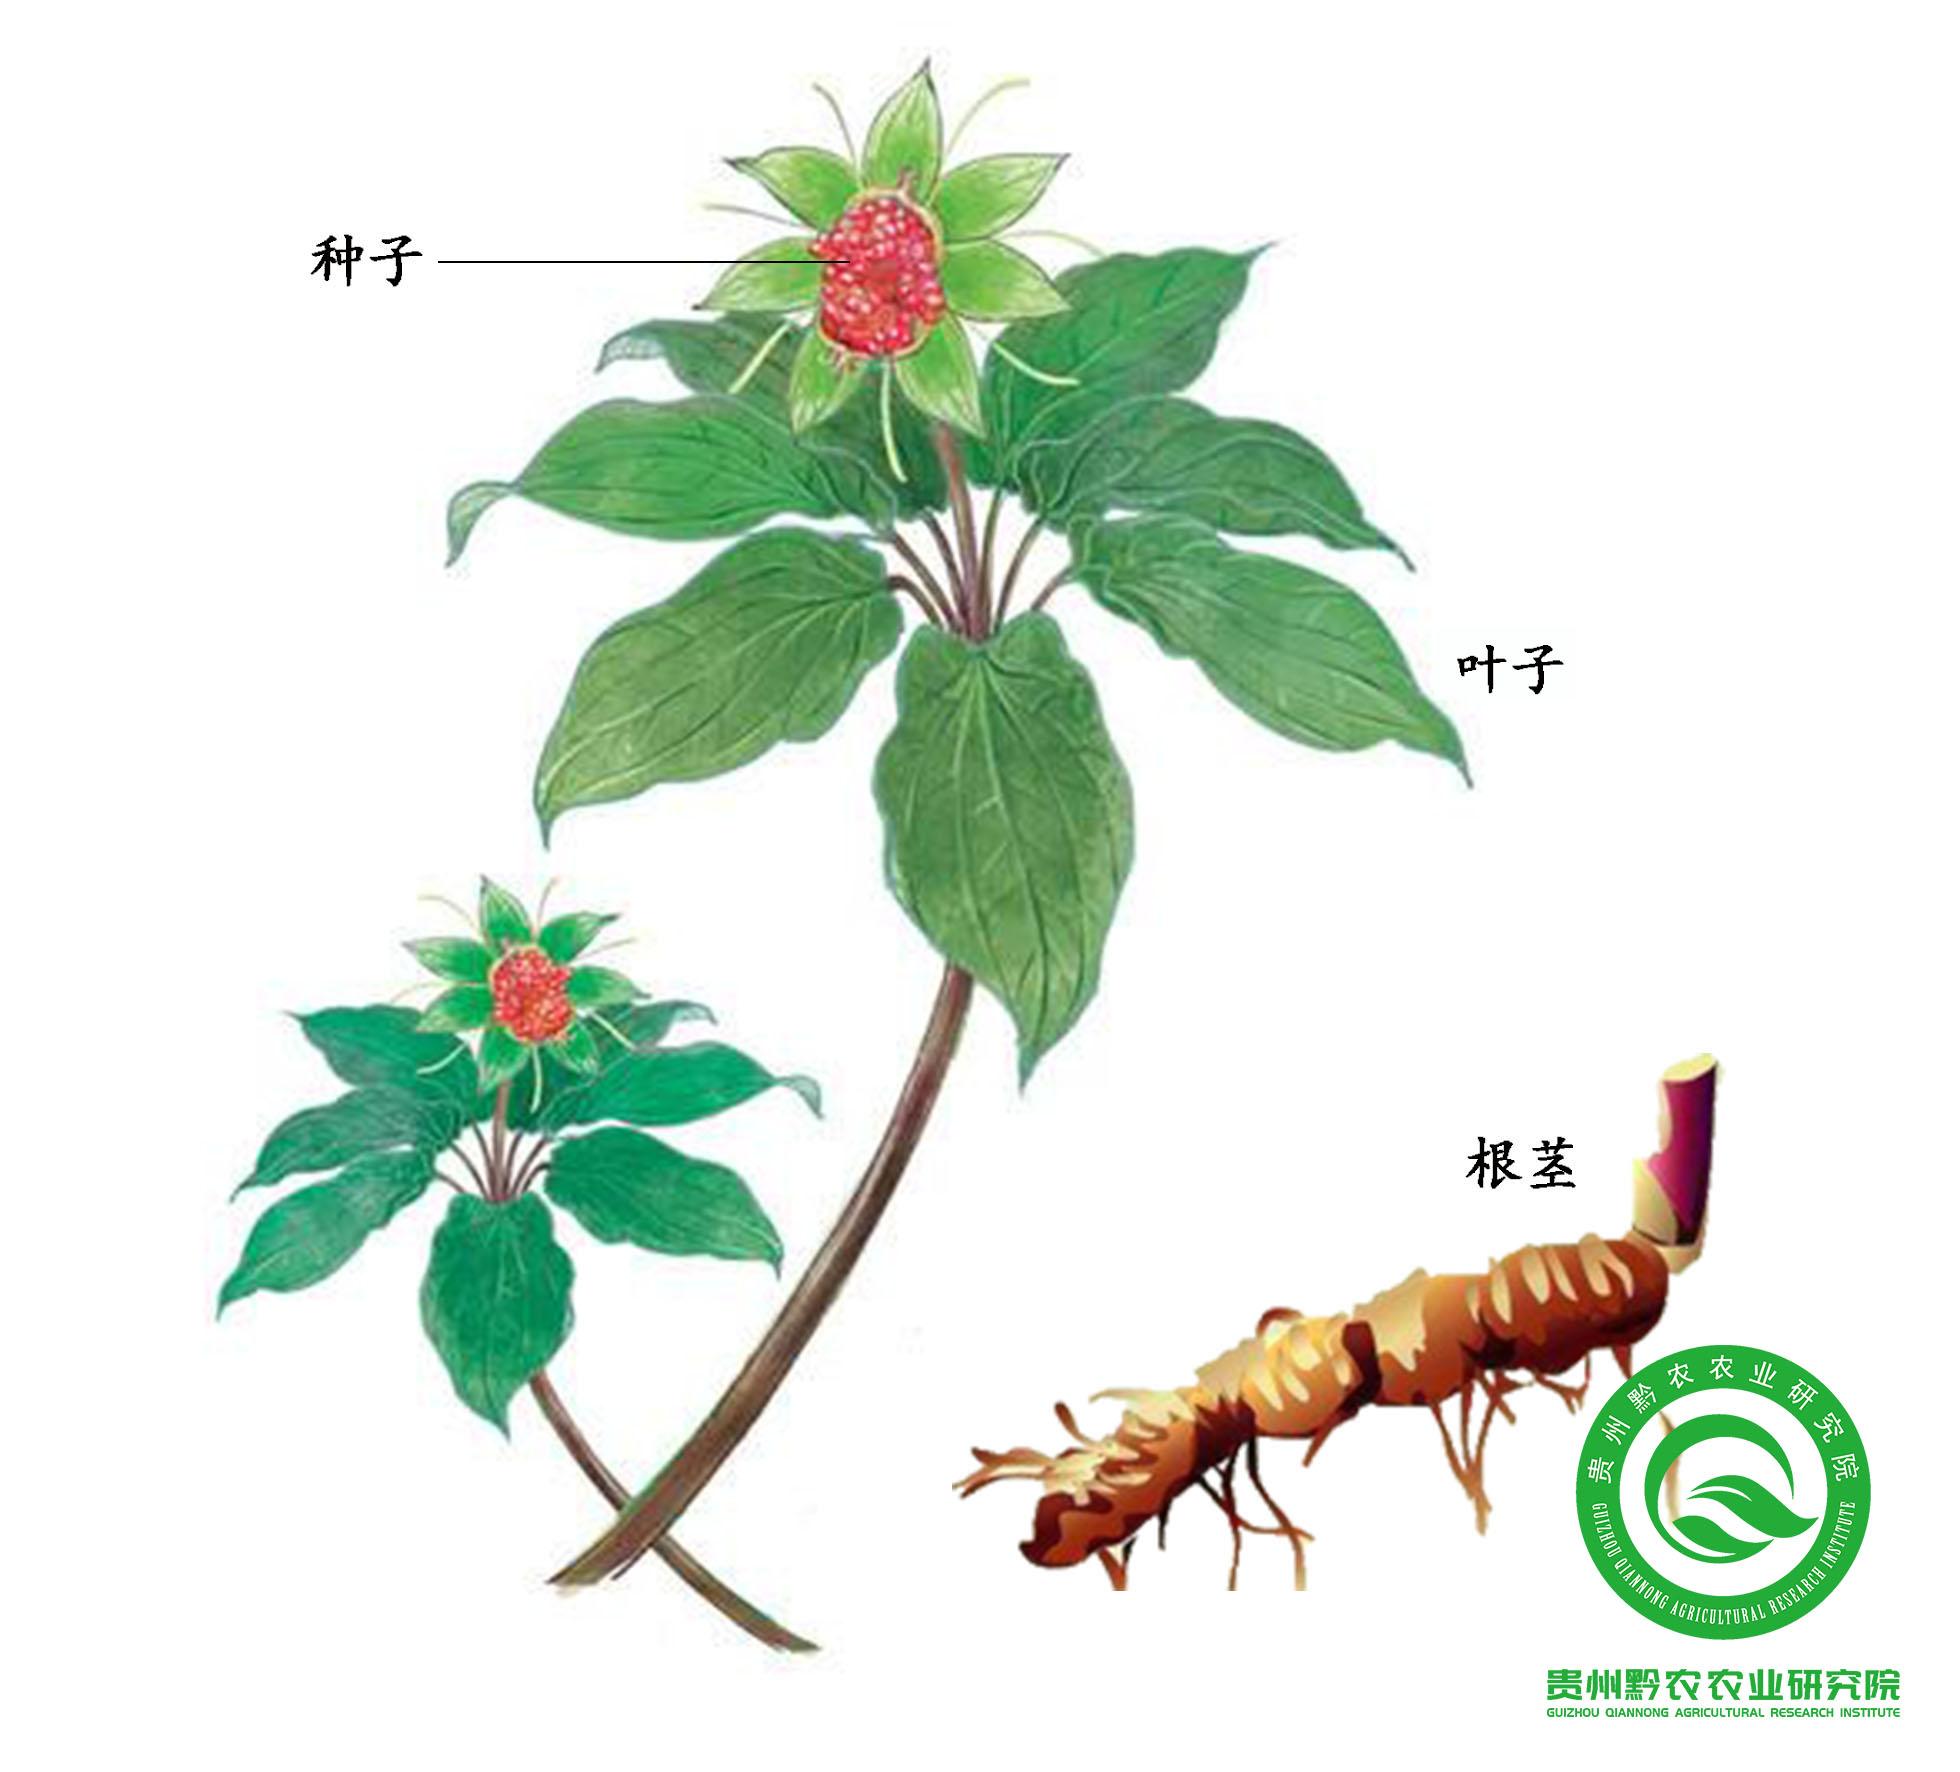 云南白及种子多少钱一斤_贵州黔农农业研究院